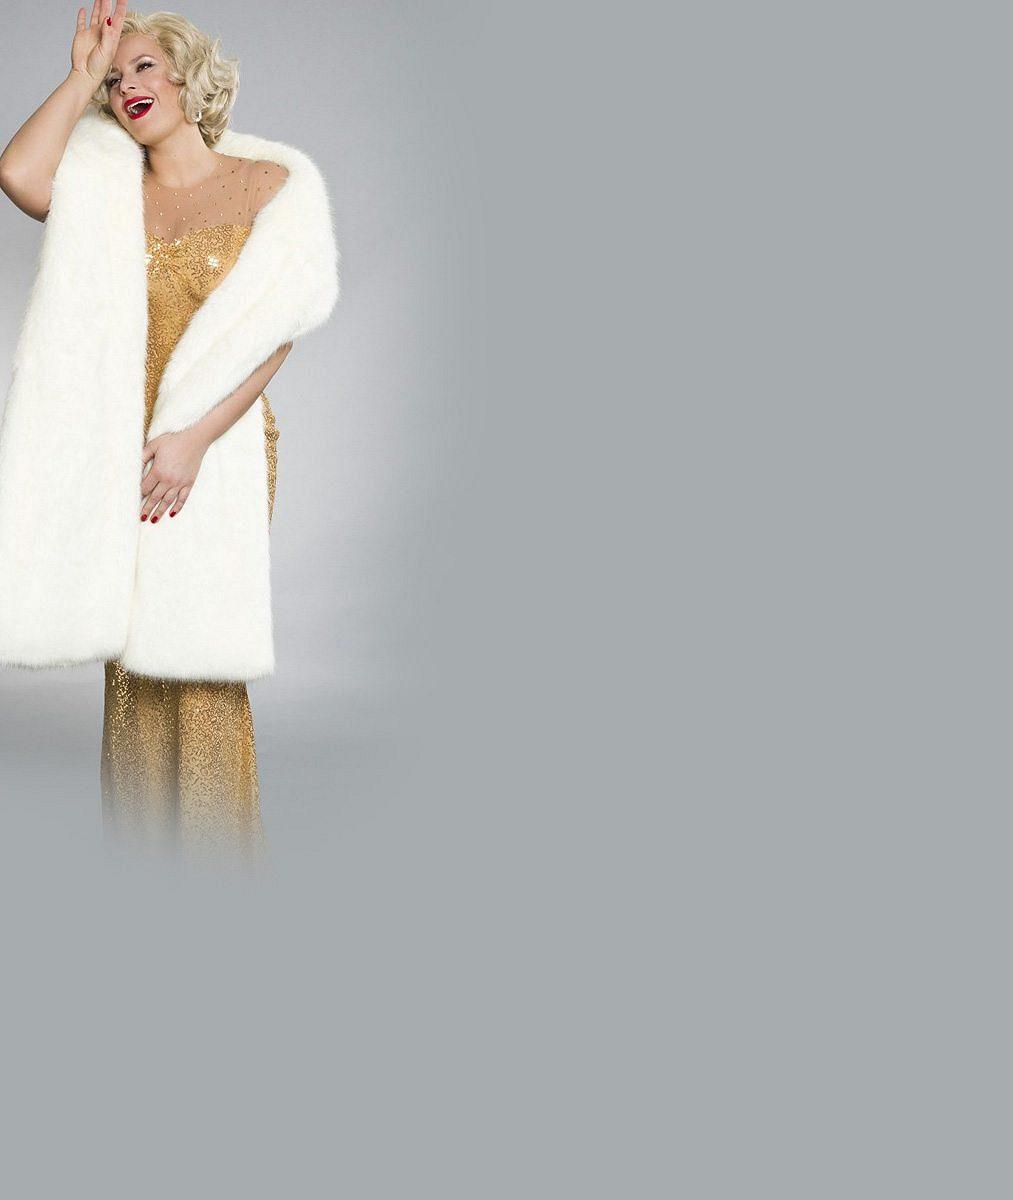 Jitka Čvančarová jako Marilyn: Co říkáte na její proměnu v koketní blondýnku s pasem štíhlým a tak dále?